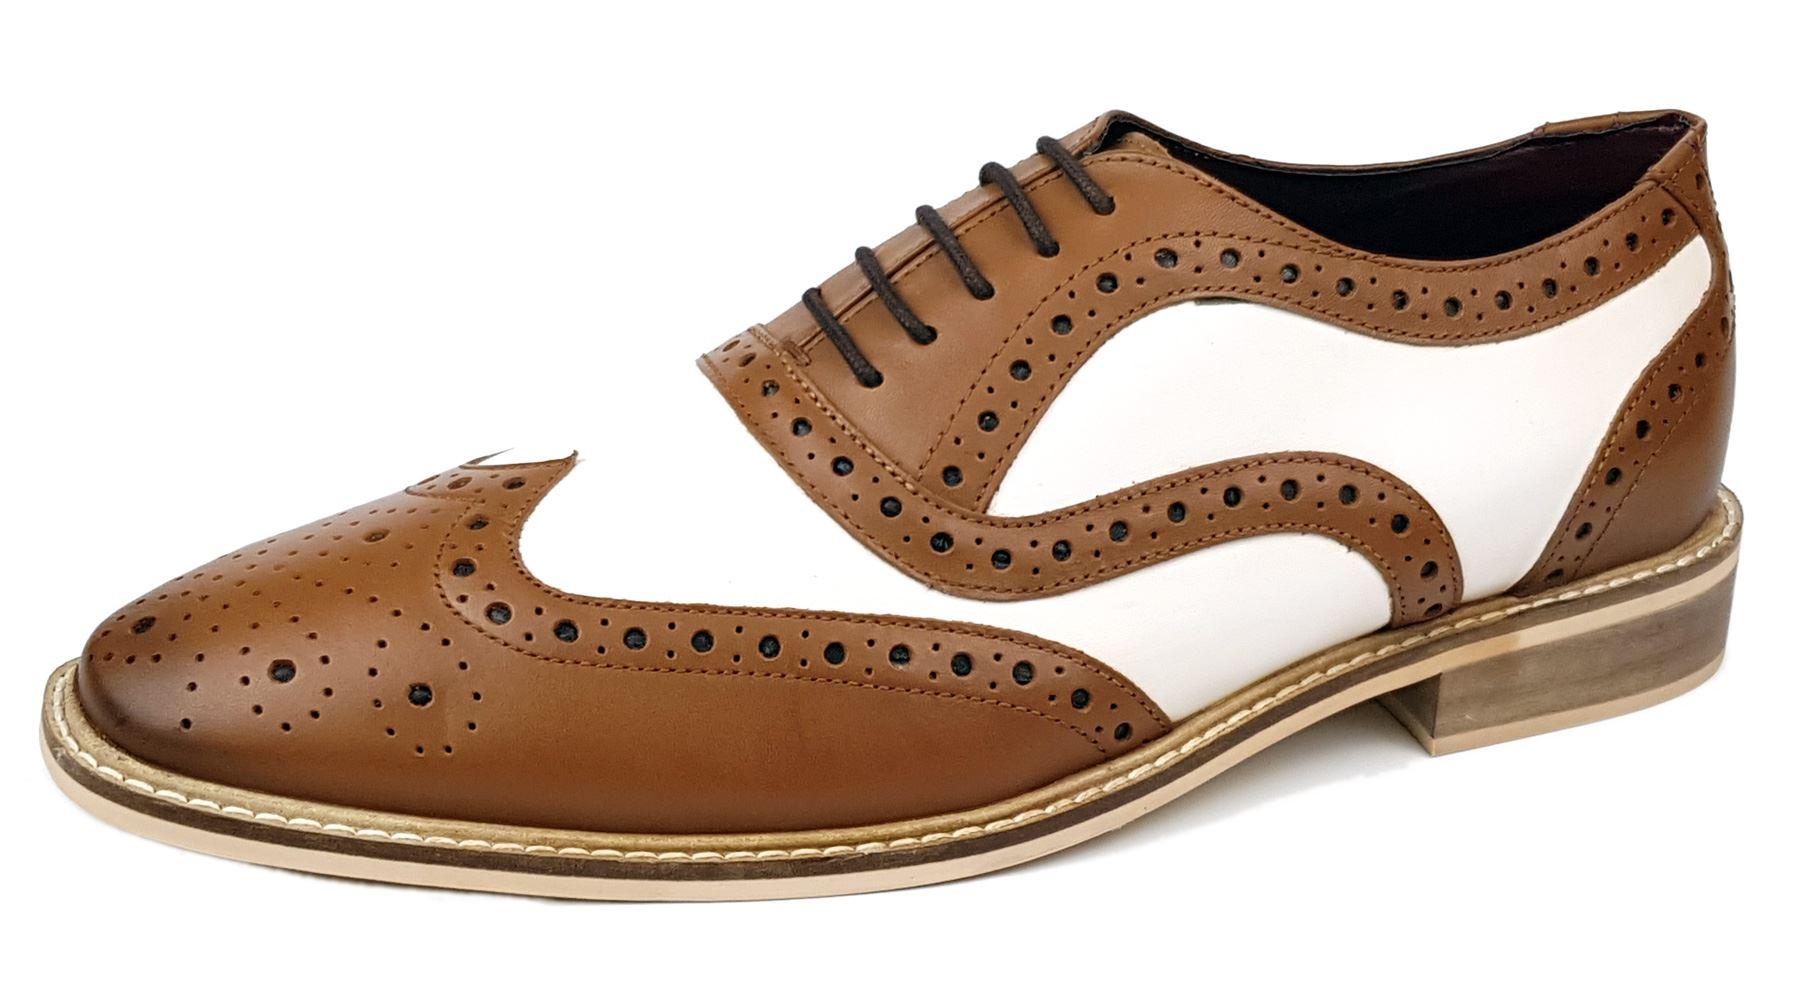 Frank Lacet James Bicolore Chaussures 1920 Richelieu Newham Homme dCBrxWoe